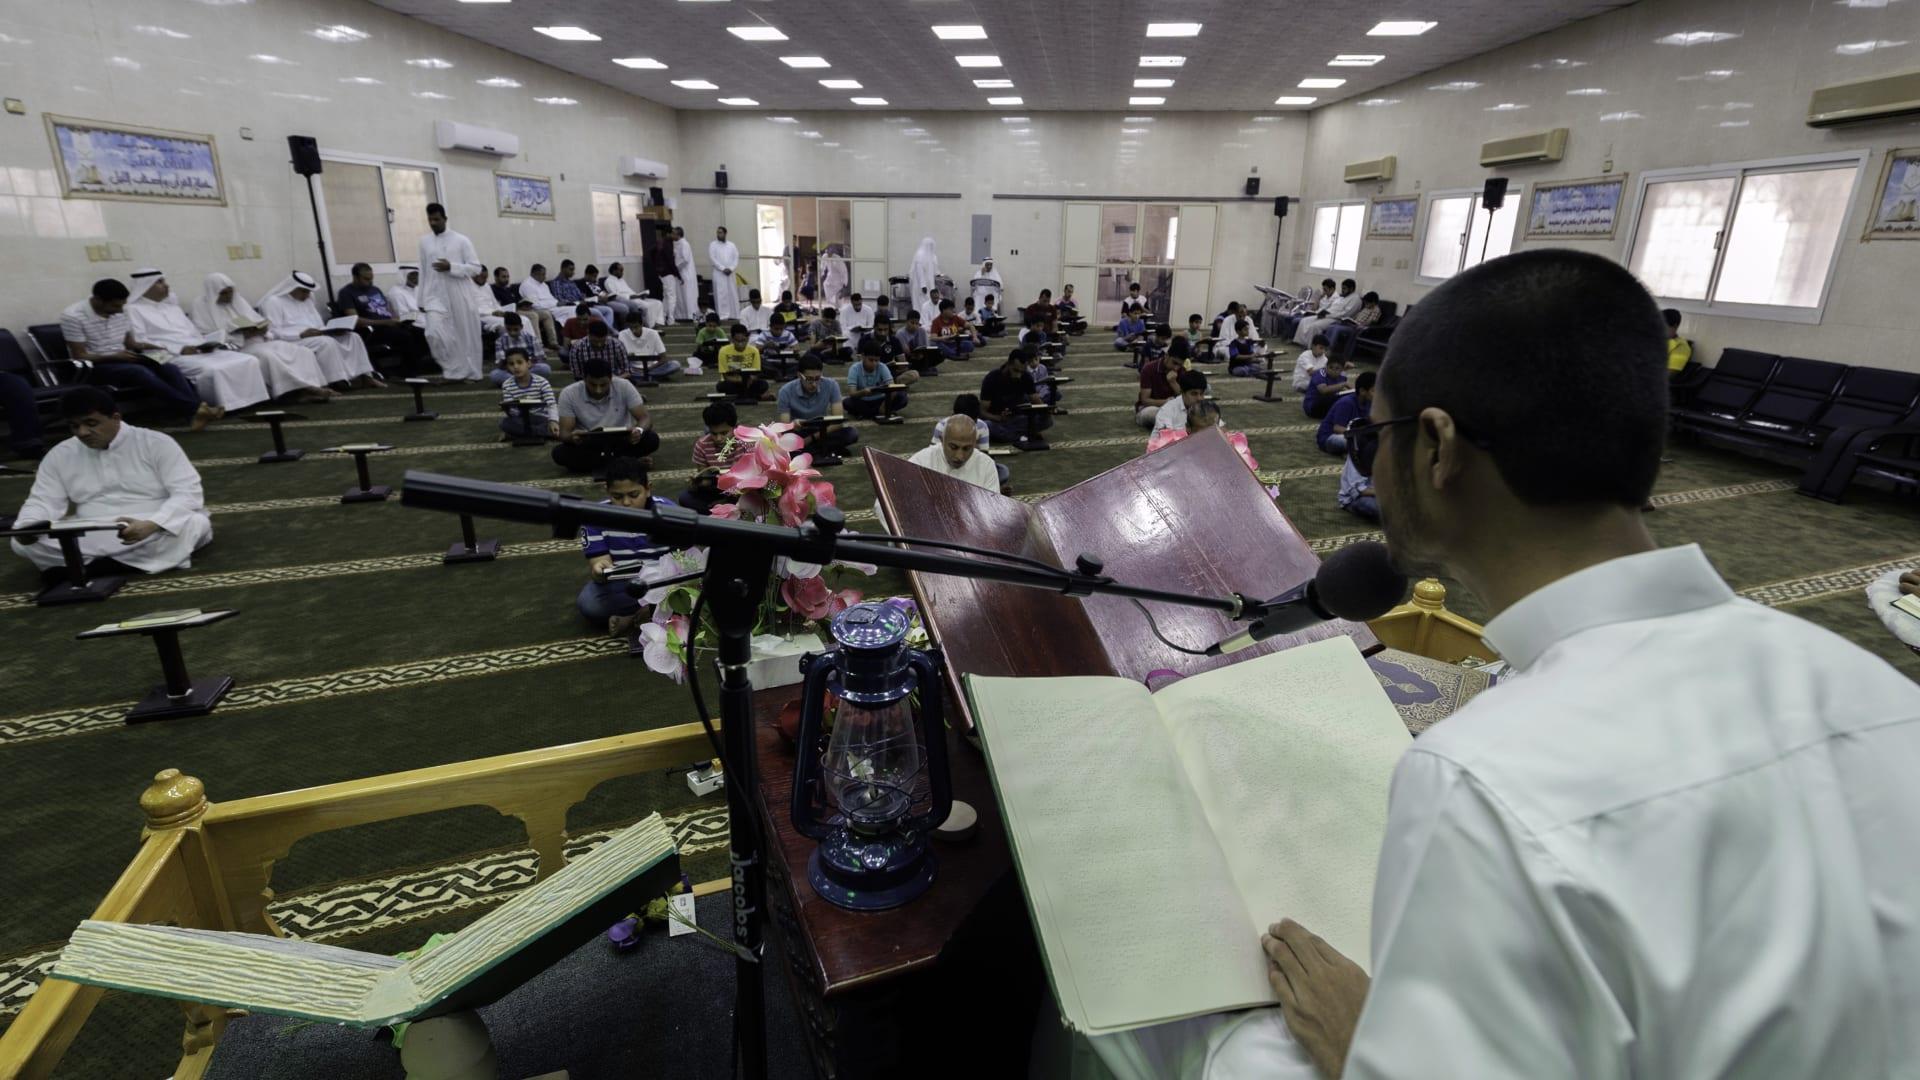 صورة ارشيفية من داخل أحد المساجد في السعودية